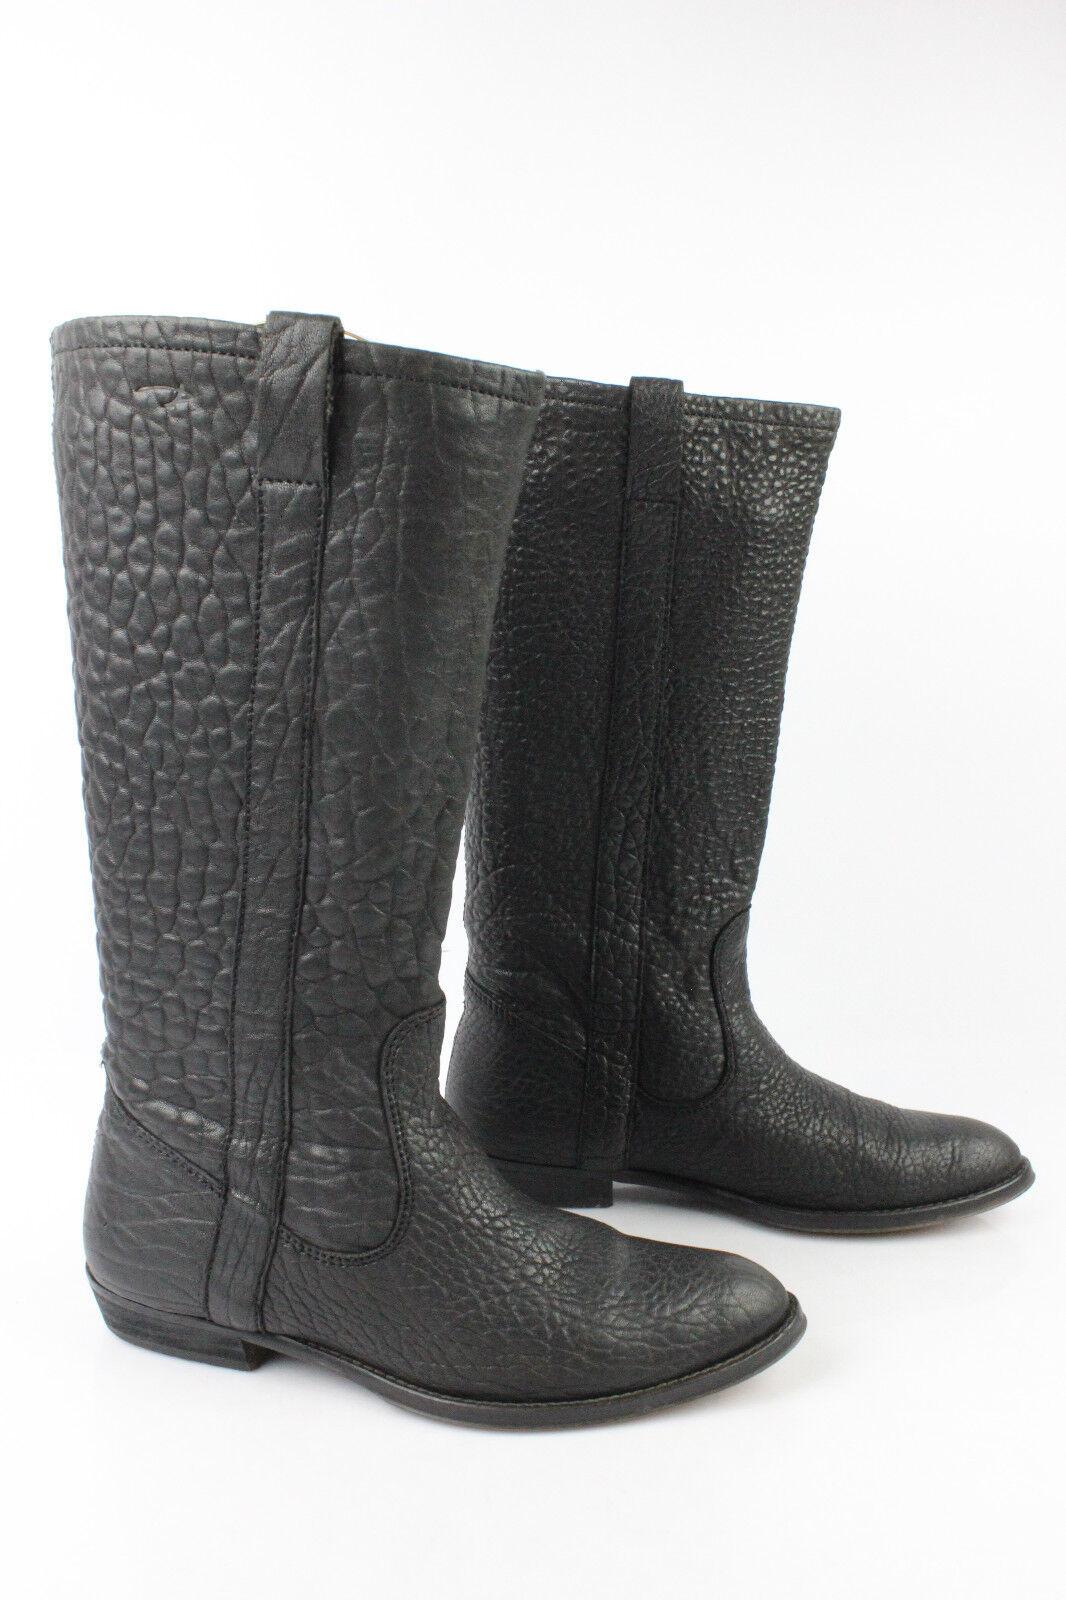 Stiefel Pastelle von Patricia Elbaz Leder BUBBLE schwarz t 37 guter Zustand